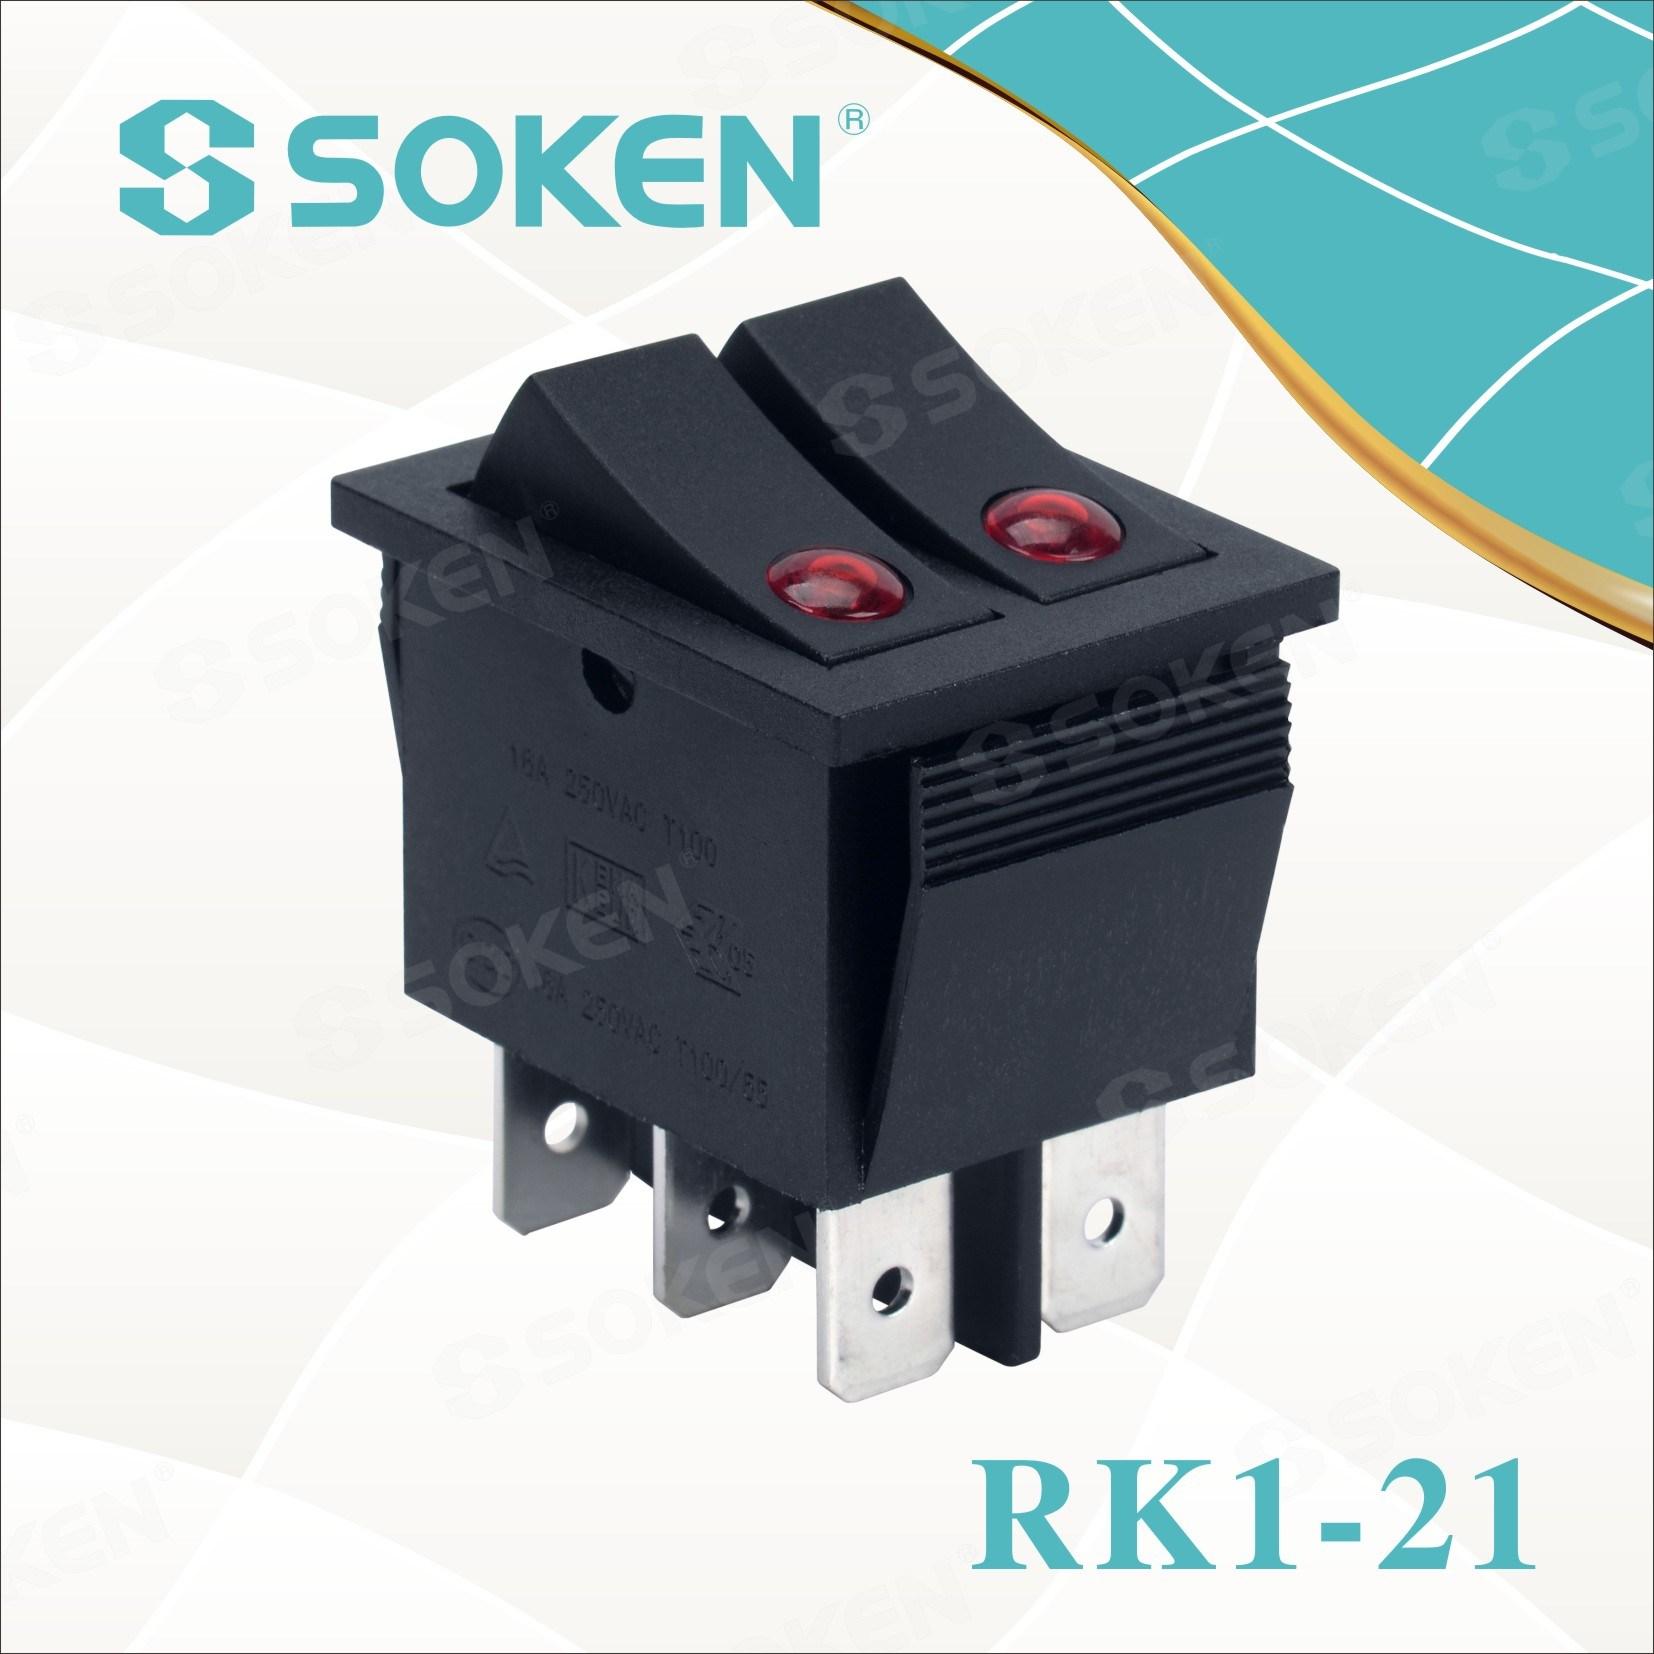 Сокен Rk1-21 об'єктива вкл викл з підсвіткою Подвійний перекидний перемикач